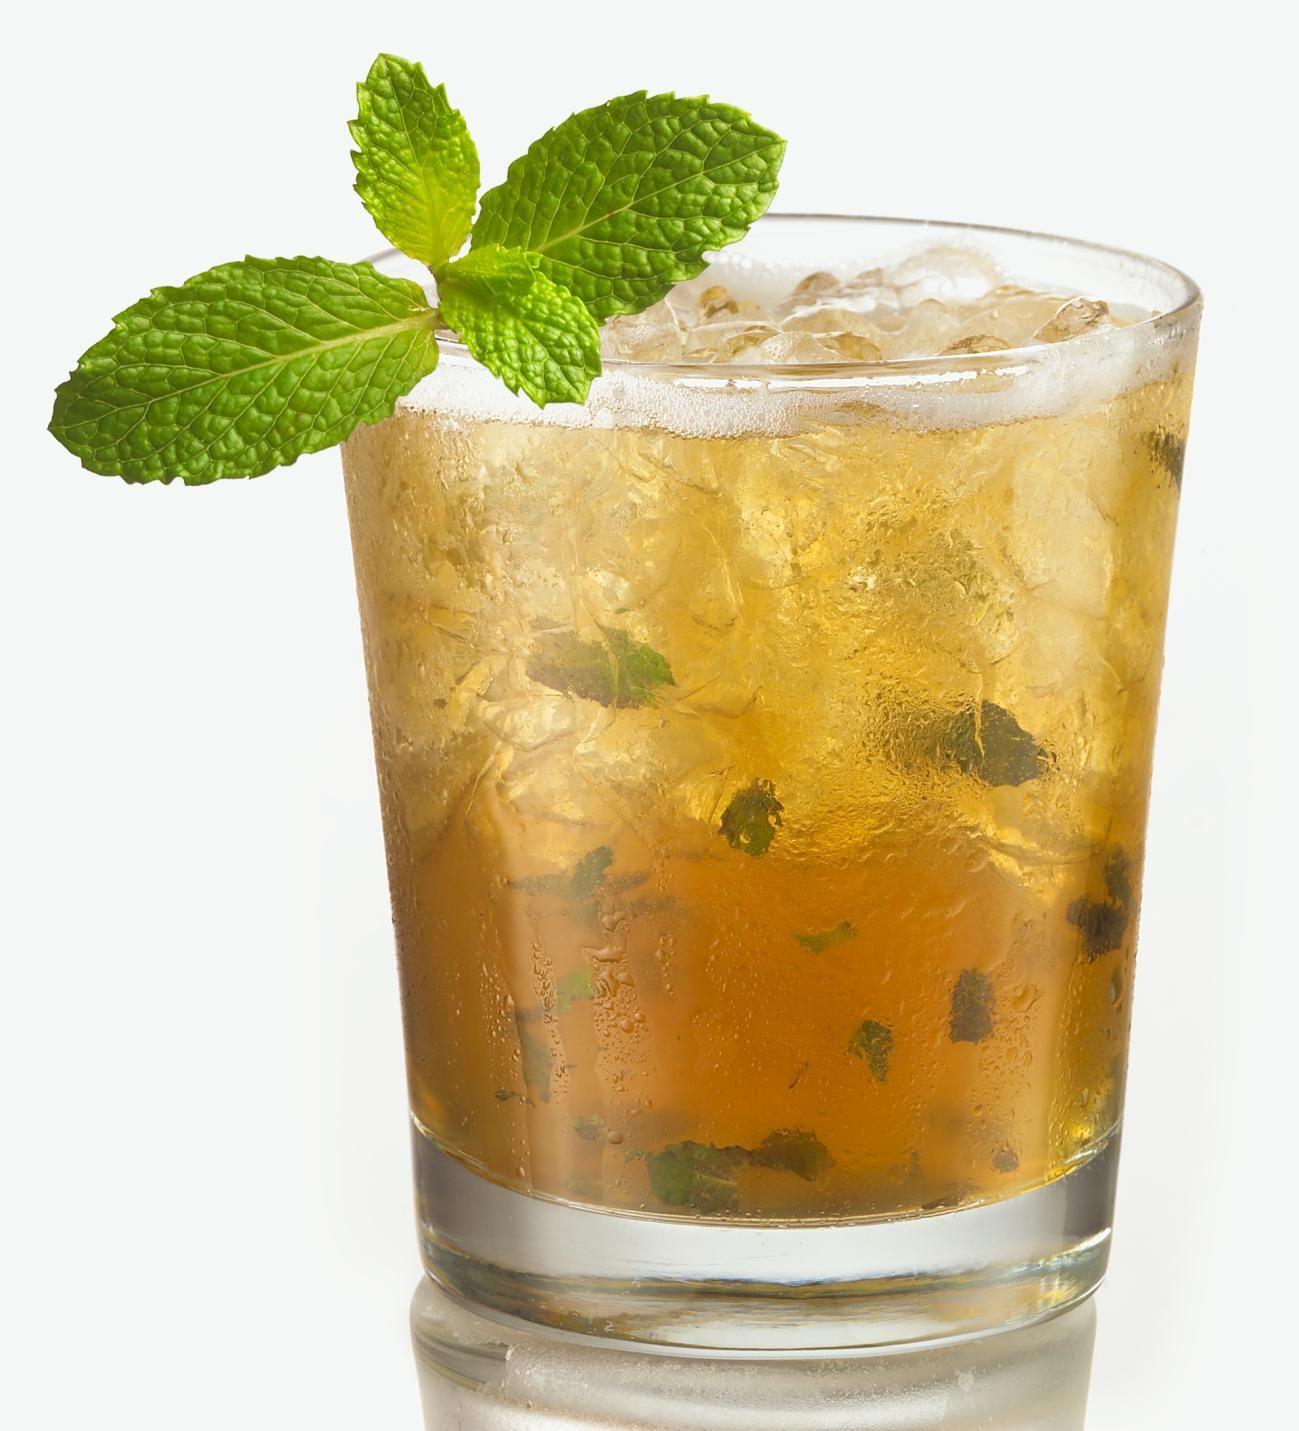 Mint Julep.Al igual que tantos cócteles, los orígenes del humilde Mint Julep son objeto de un acalorado debate.Su nombre deriva de 'julab', palabra árabe.